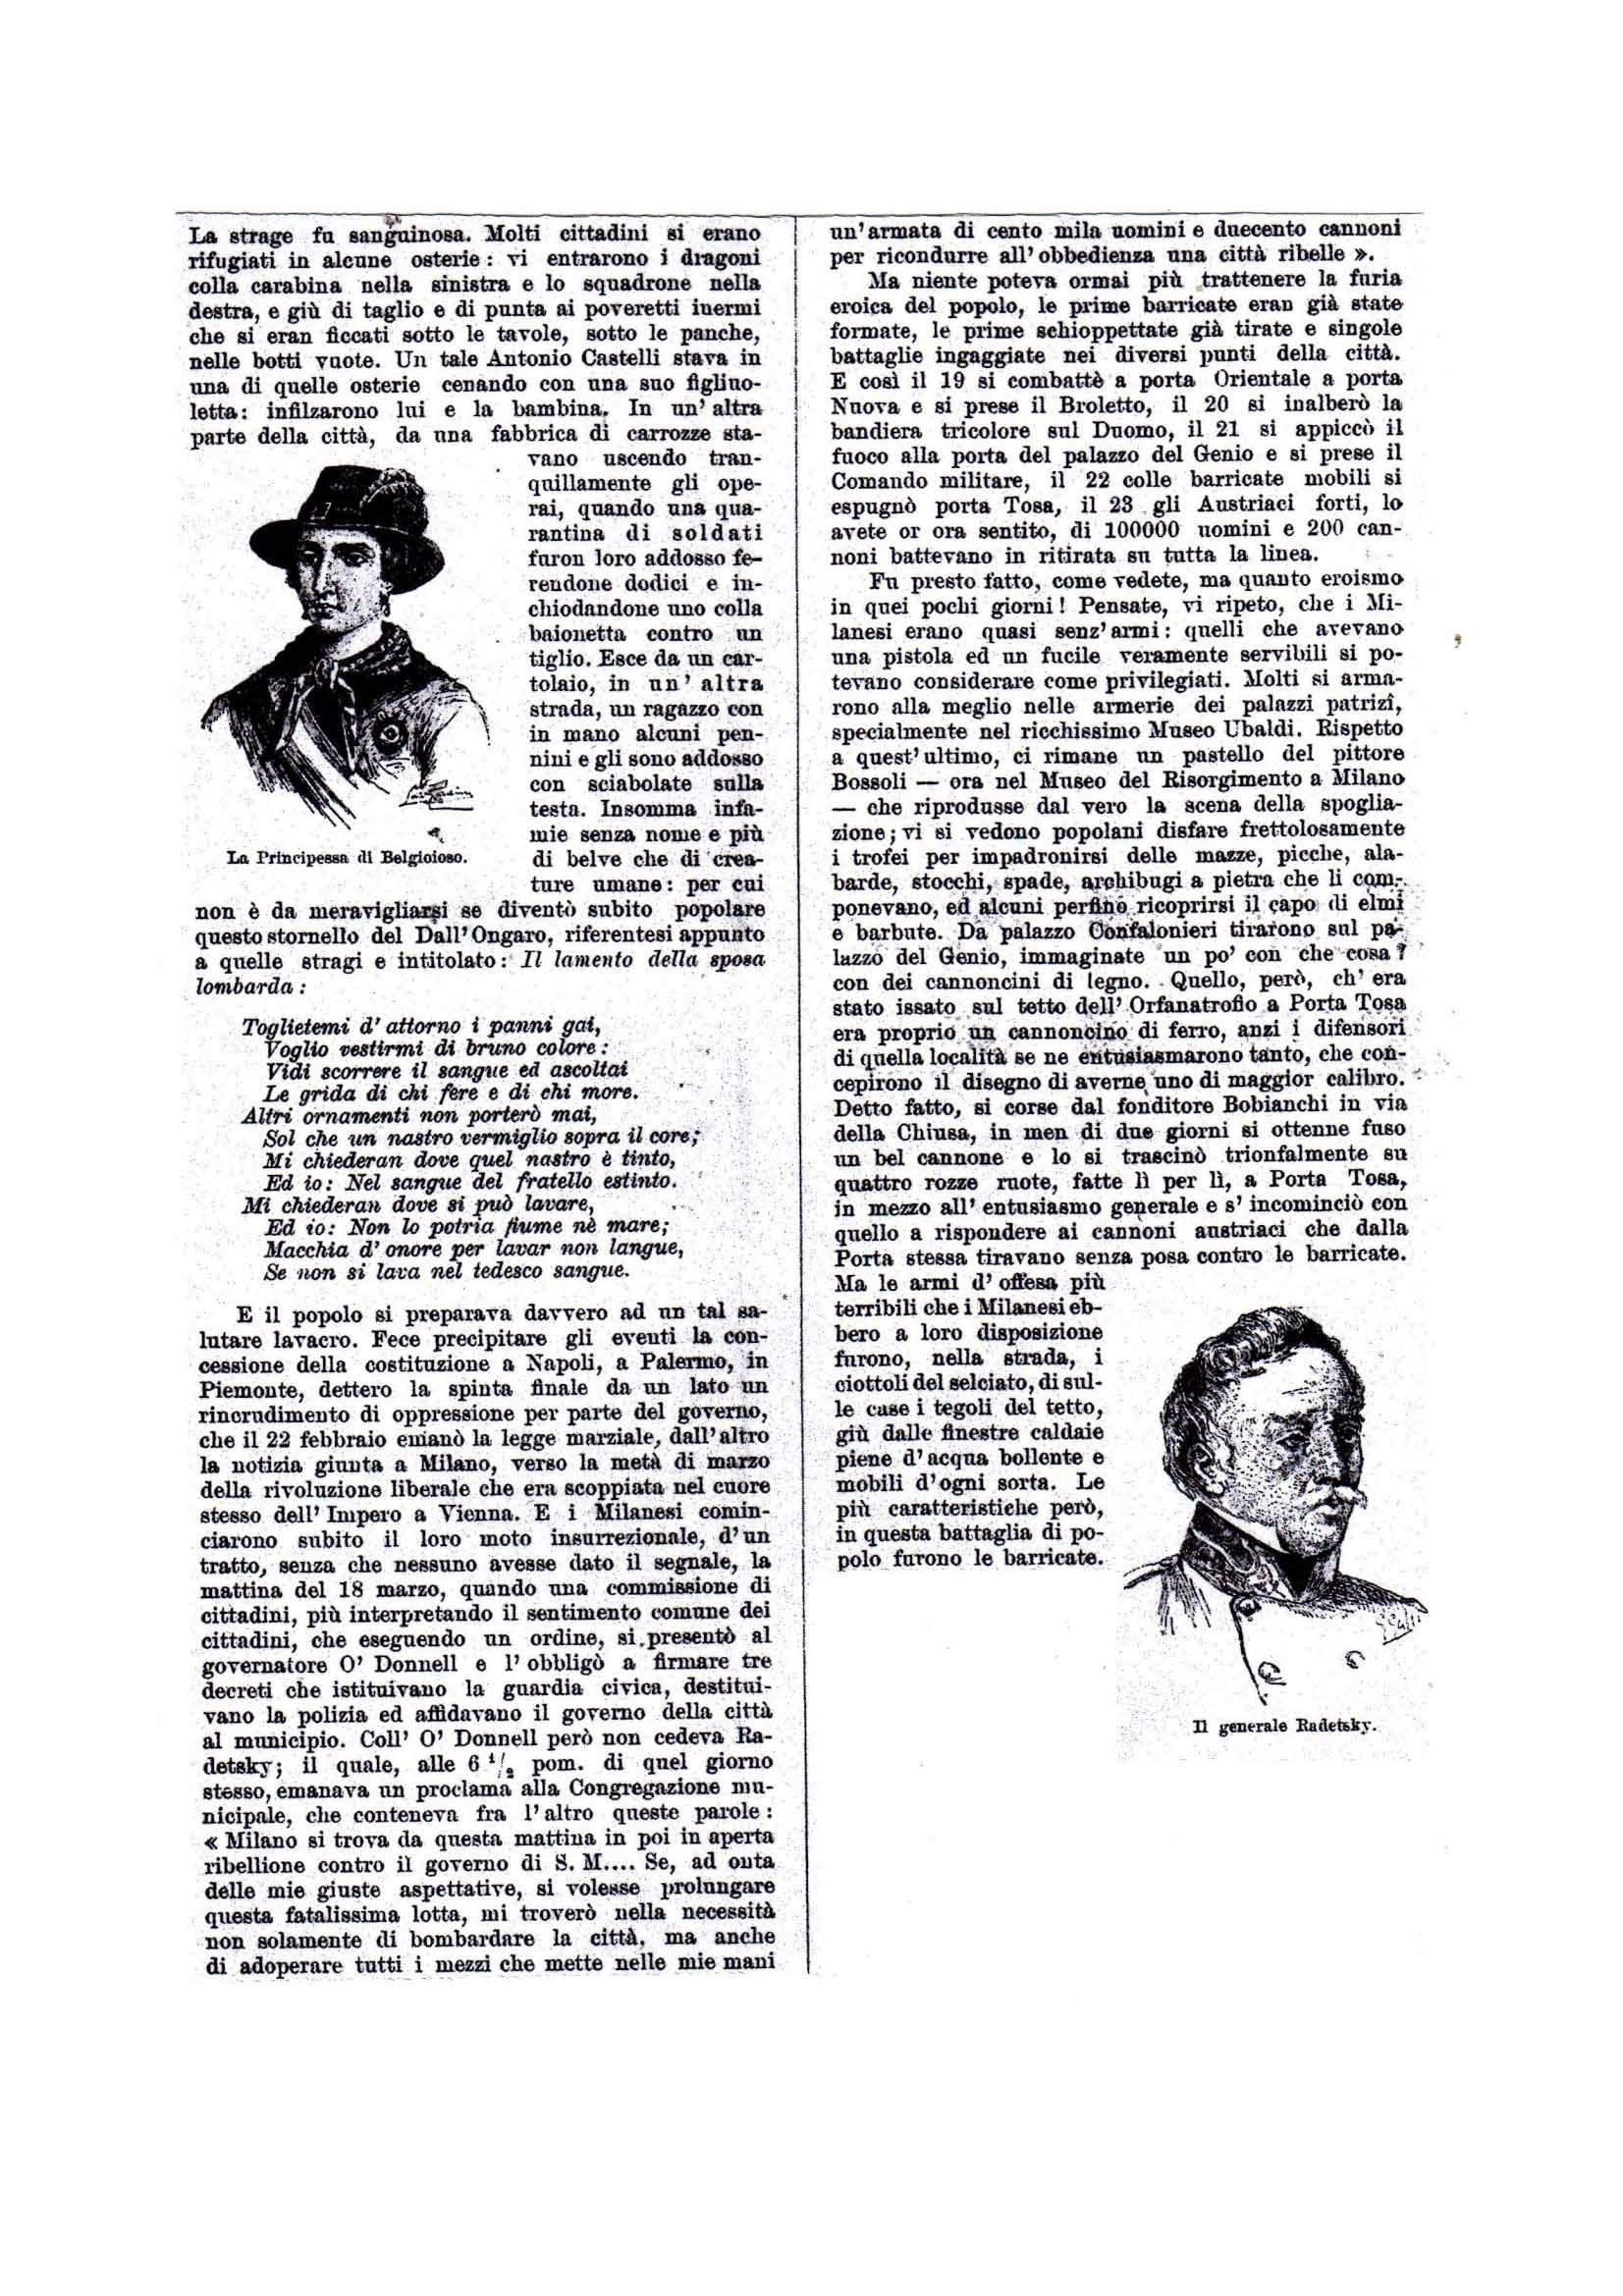 LE 5 GIORNATE - 1909 SECONDA PUNTATA